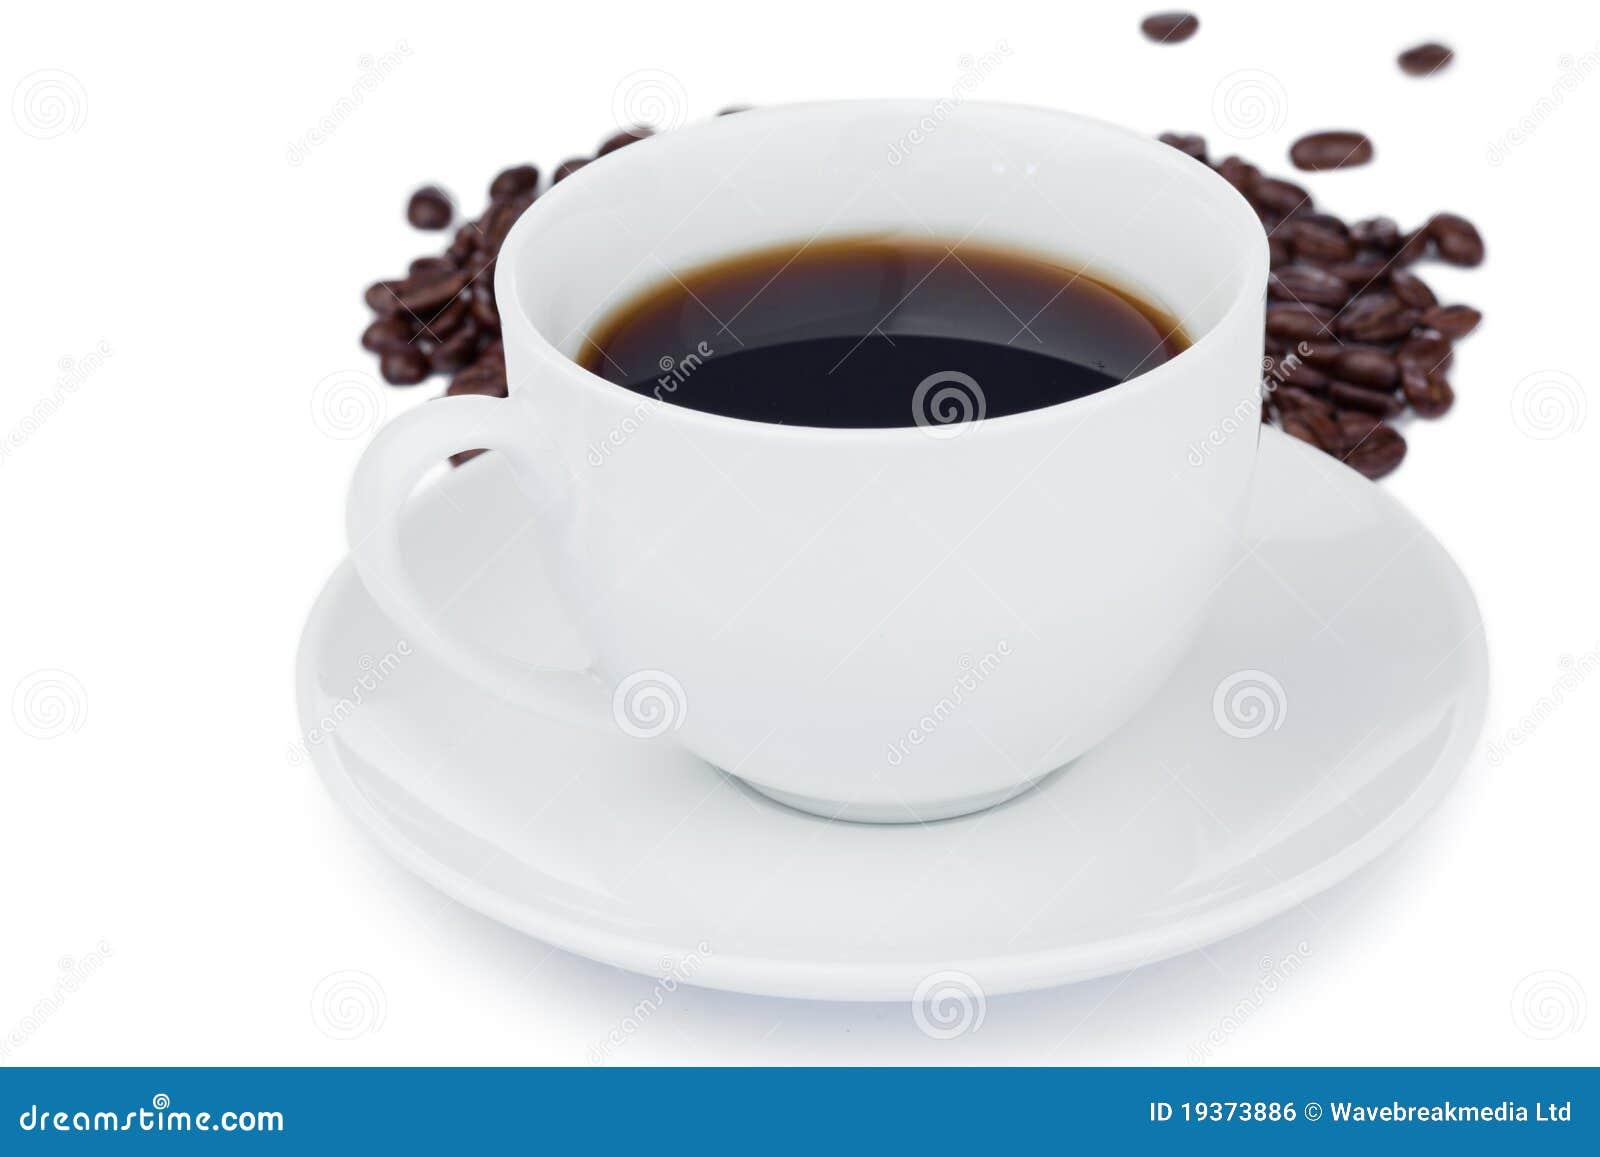 Chávena de café morna